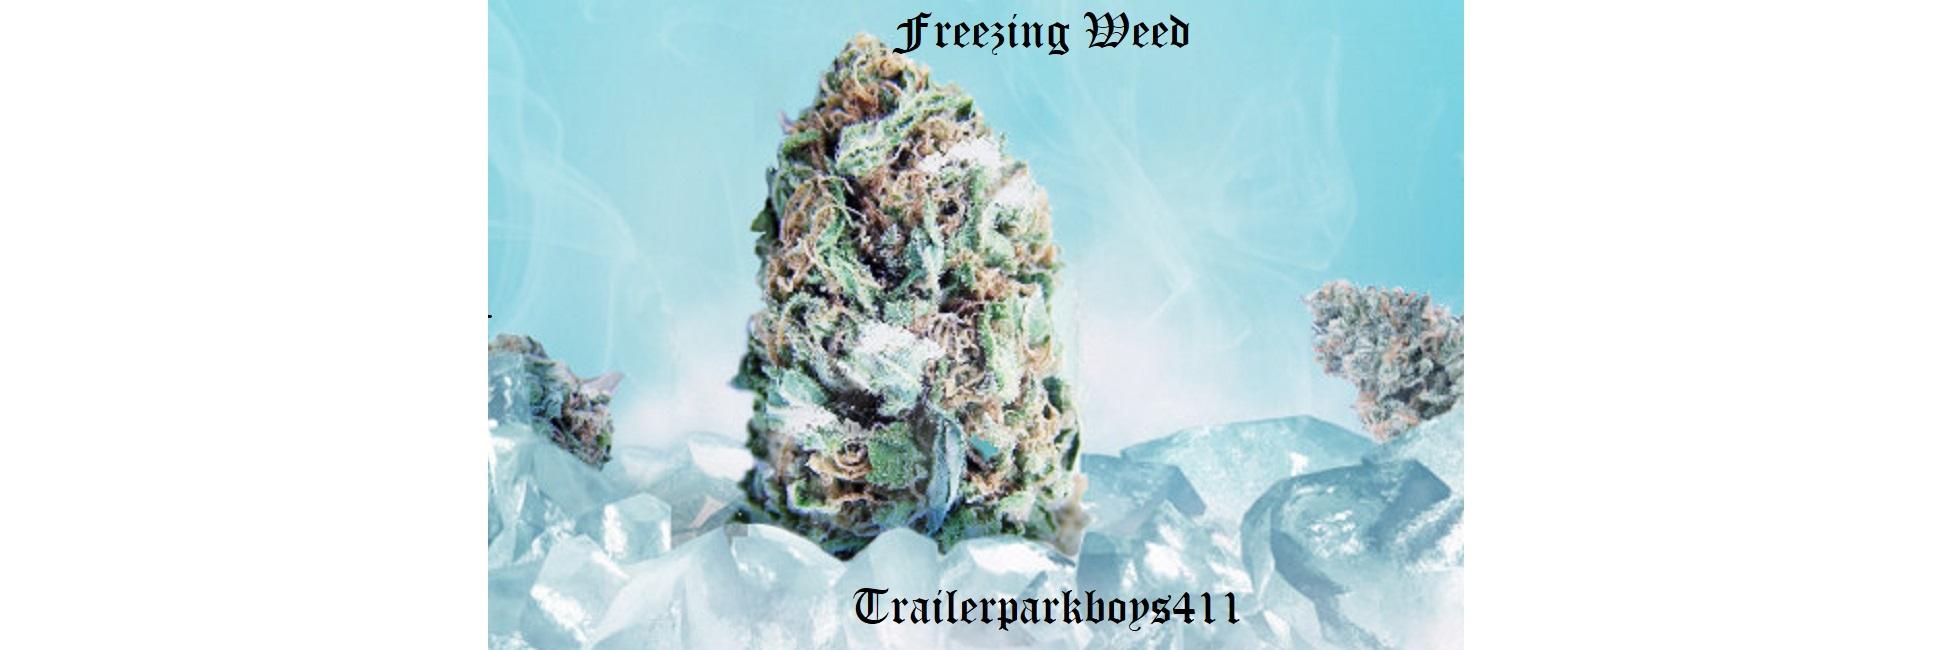 Freezing Weed